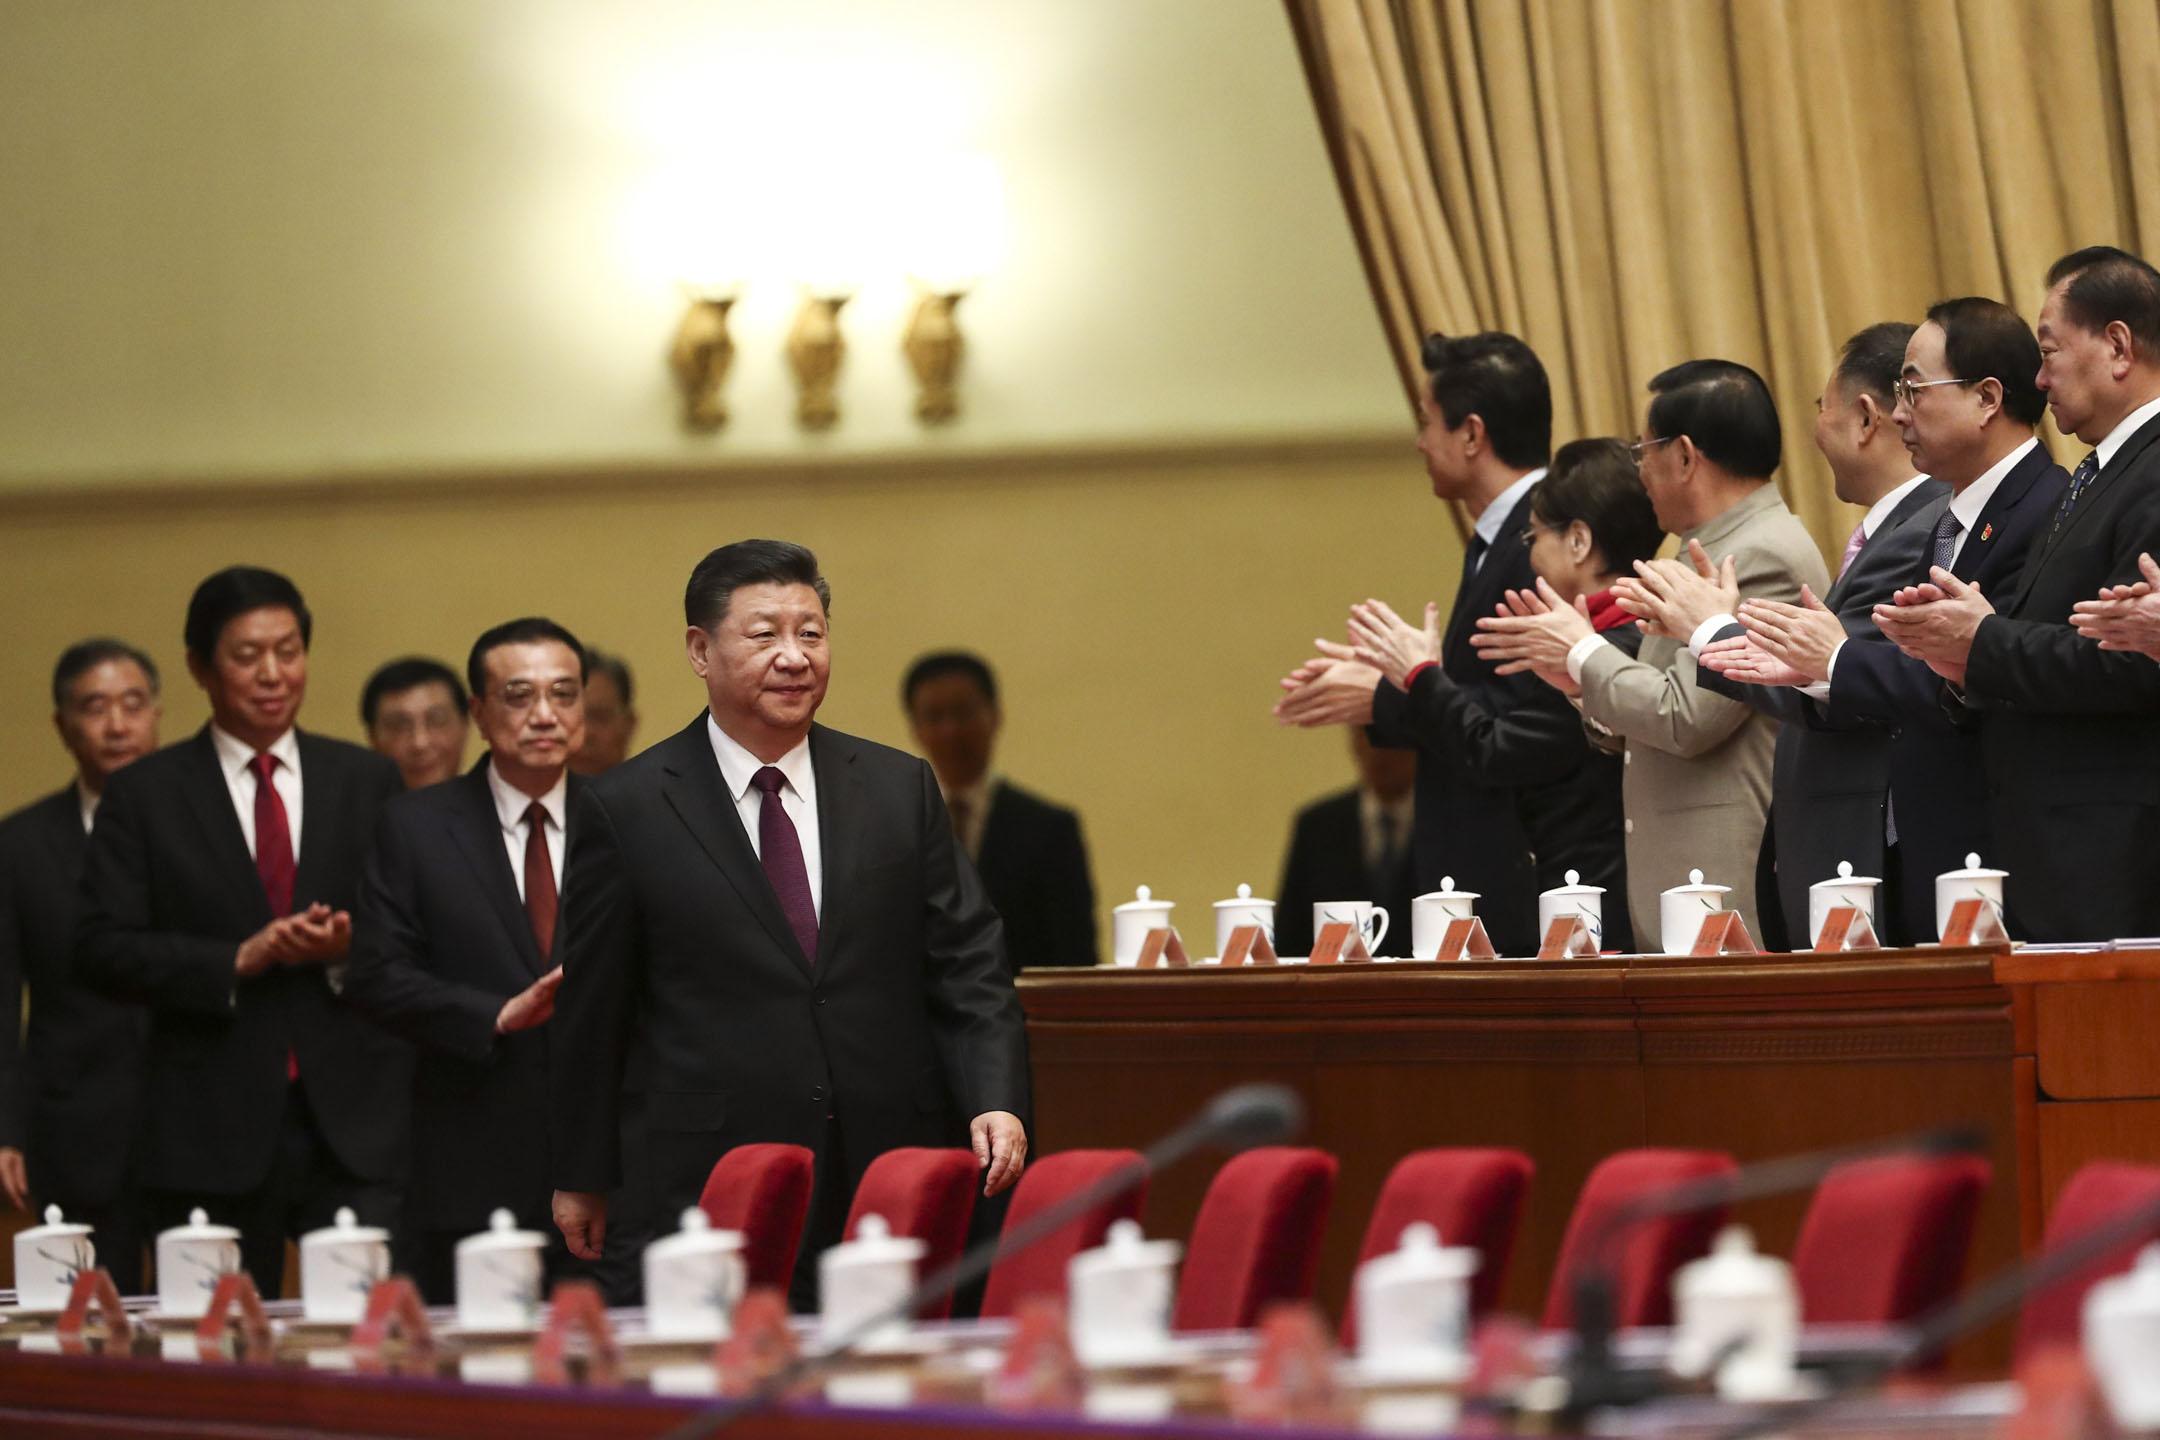 2018年12月18日,慶祝改革開放40周年大會在北京舉行,中共中央總書記、國家主席習近平出席大會並發表講話。 攝:Sheng Jiapeng/China News Service/VCG via Getty Images